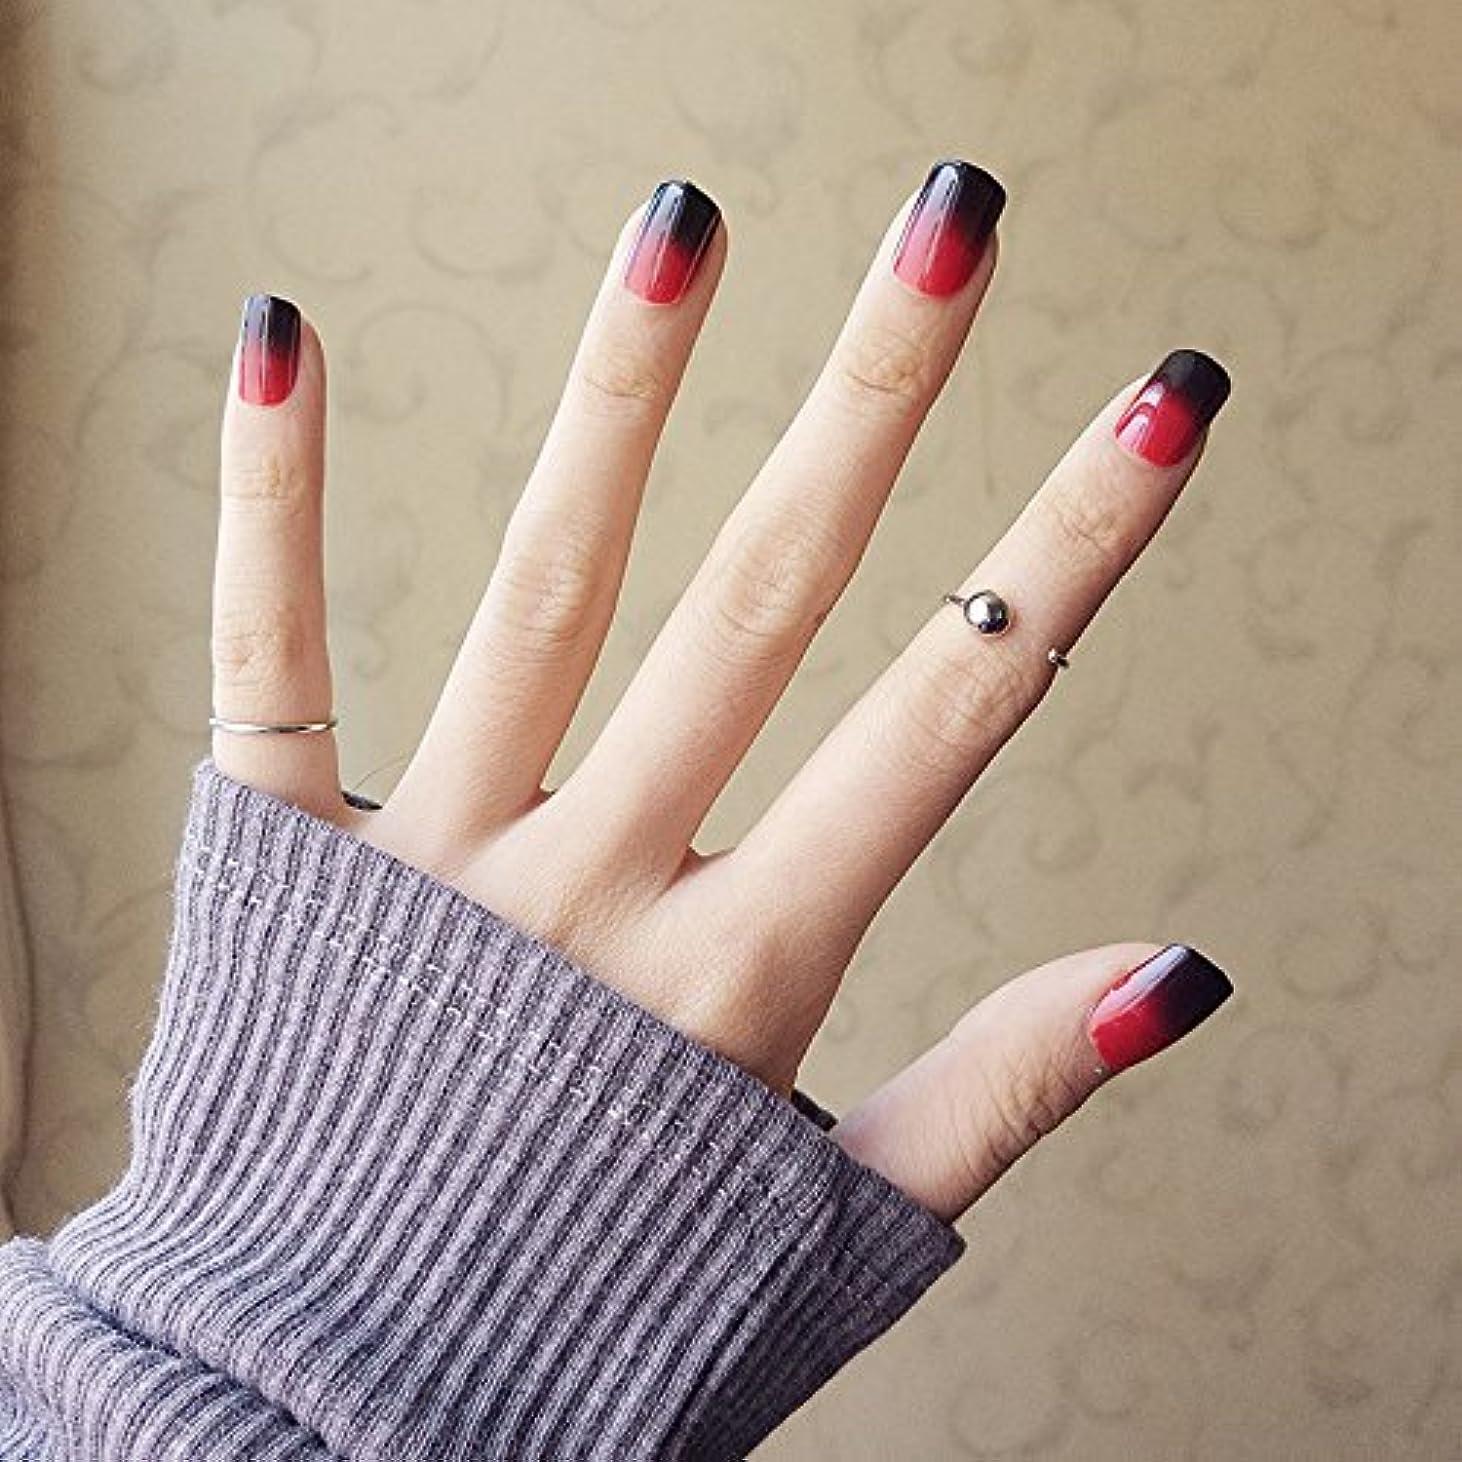 ラッドヤードキップリング葉黒24枚入 黒と赤のグラデーション ネイル 貼る ネイルチップ パーティー、二次会などに